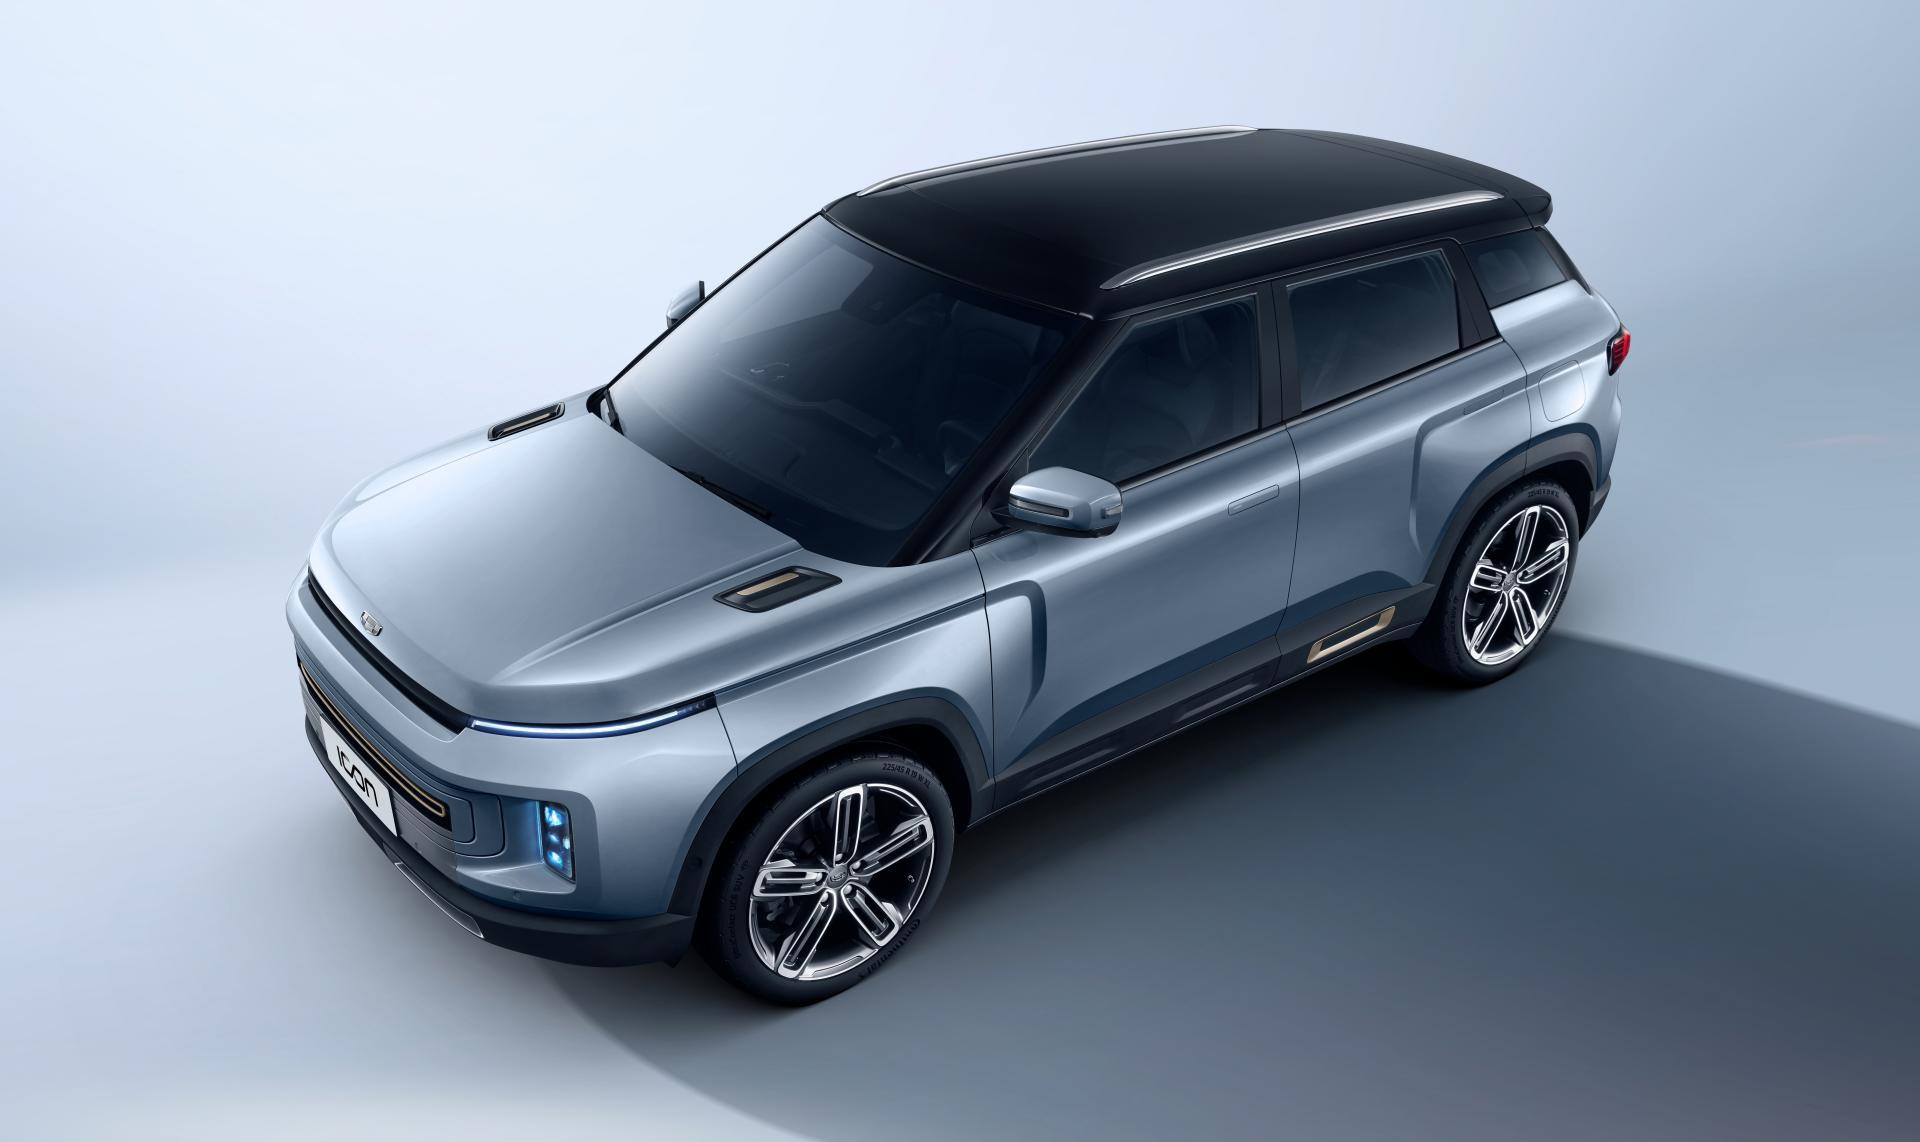 Hãng xe Trung Quốc Geely mở bán SUV Icon đẹp như Volvo, bảo vệ người dùng khỏi Corona, giá rẻ bèo từ 16.500 USD - Ảnh 1.